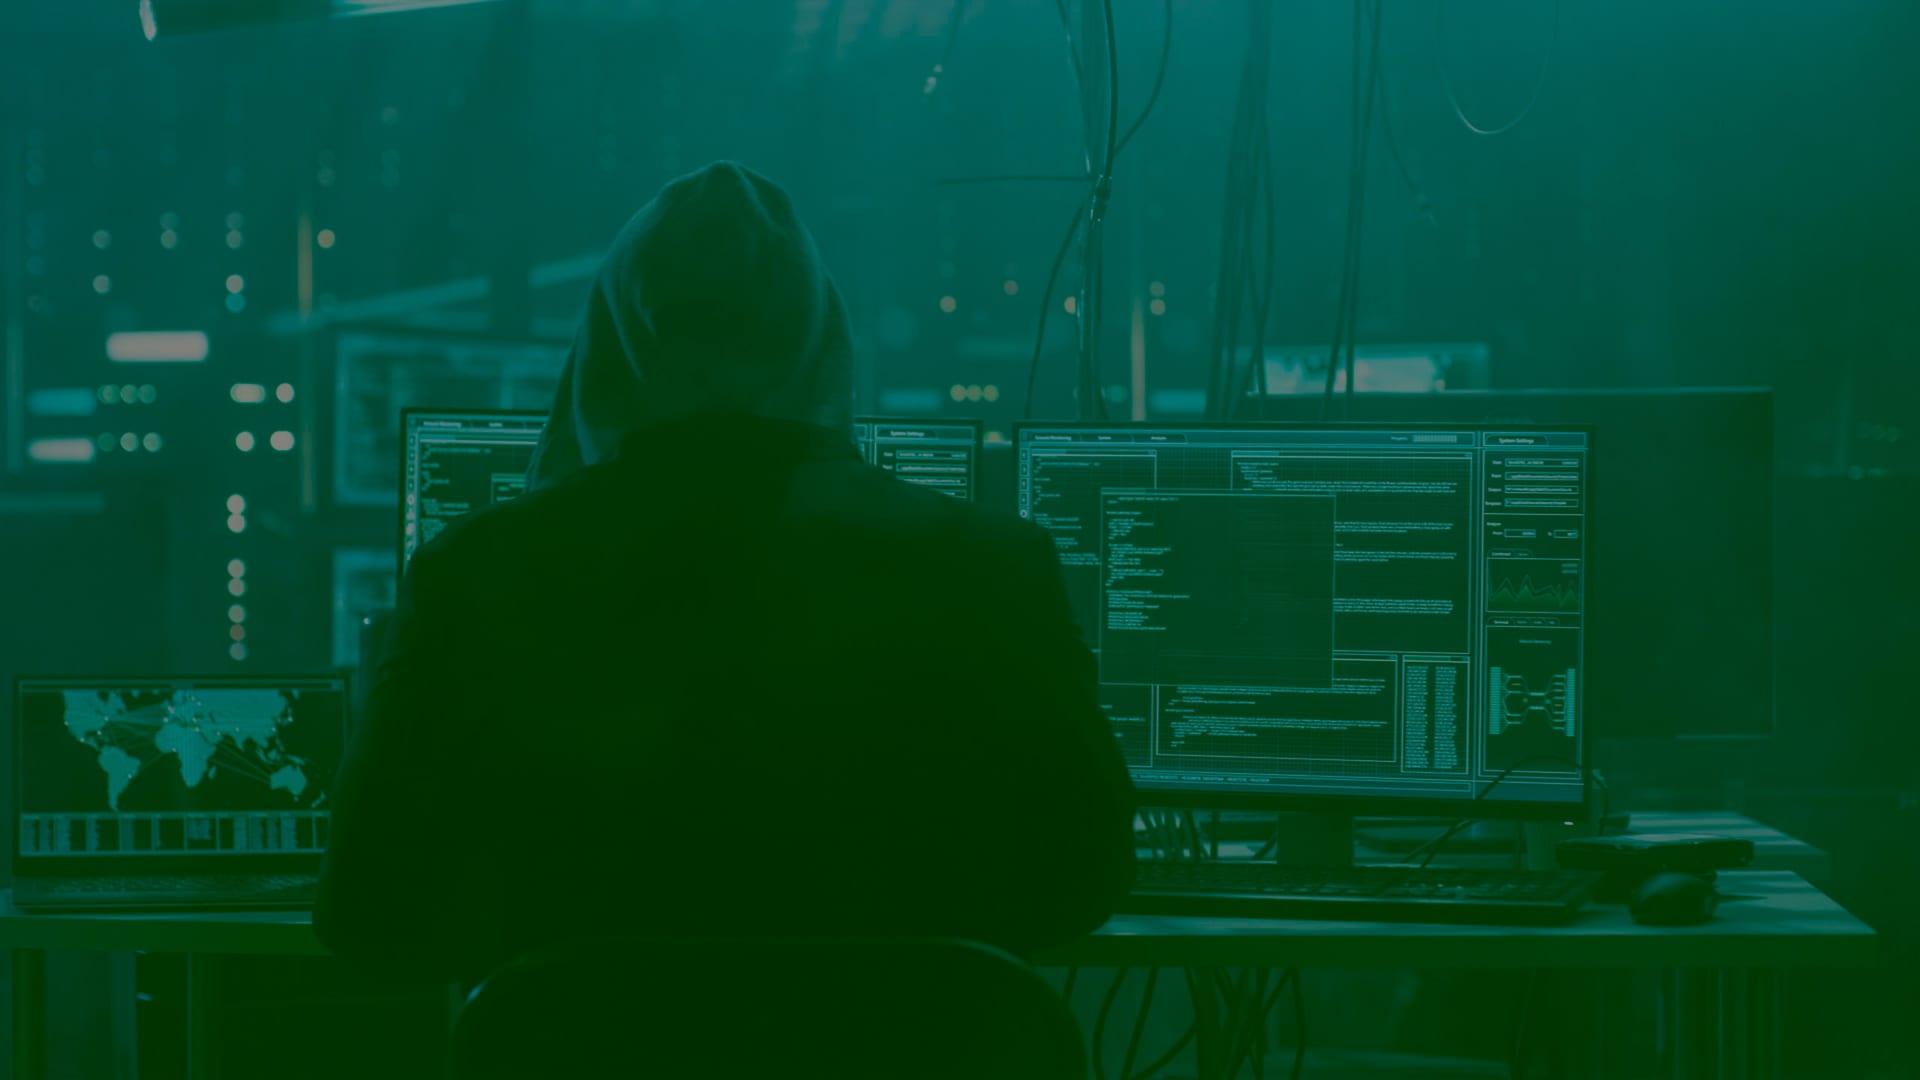 Как обнаружить уязвимости и взломать сервер в DMZ-зоне